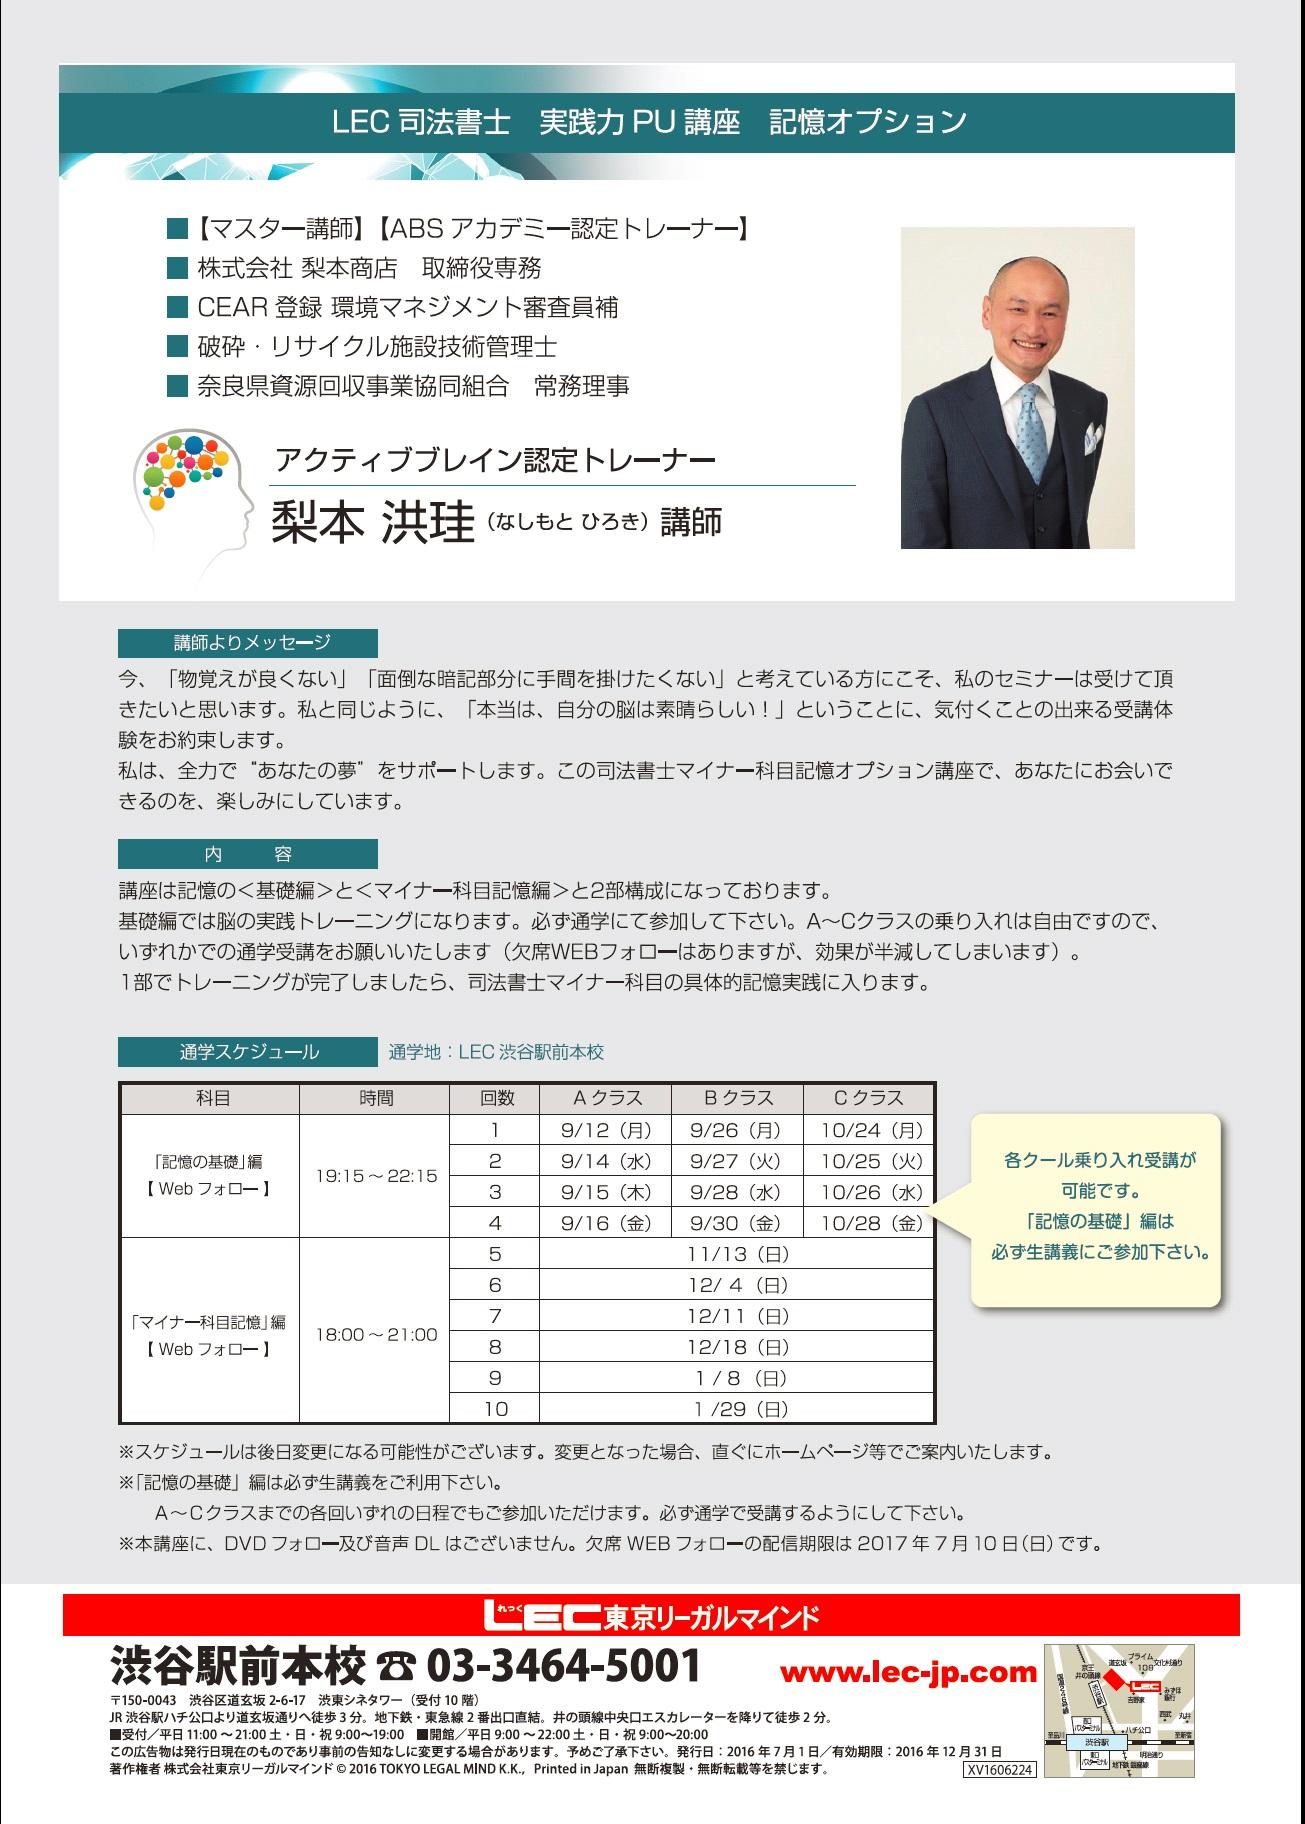 司法書士マイナー科目記憶オプション 通学スケジュール